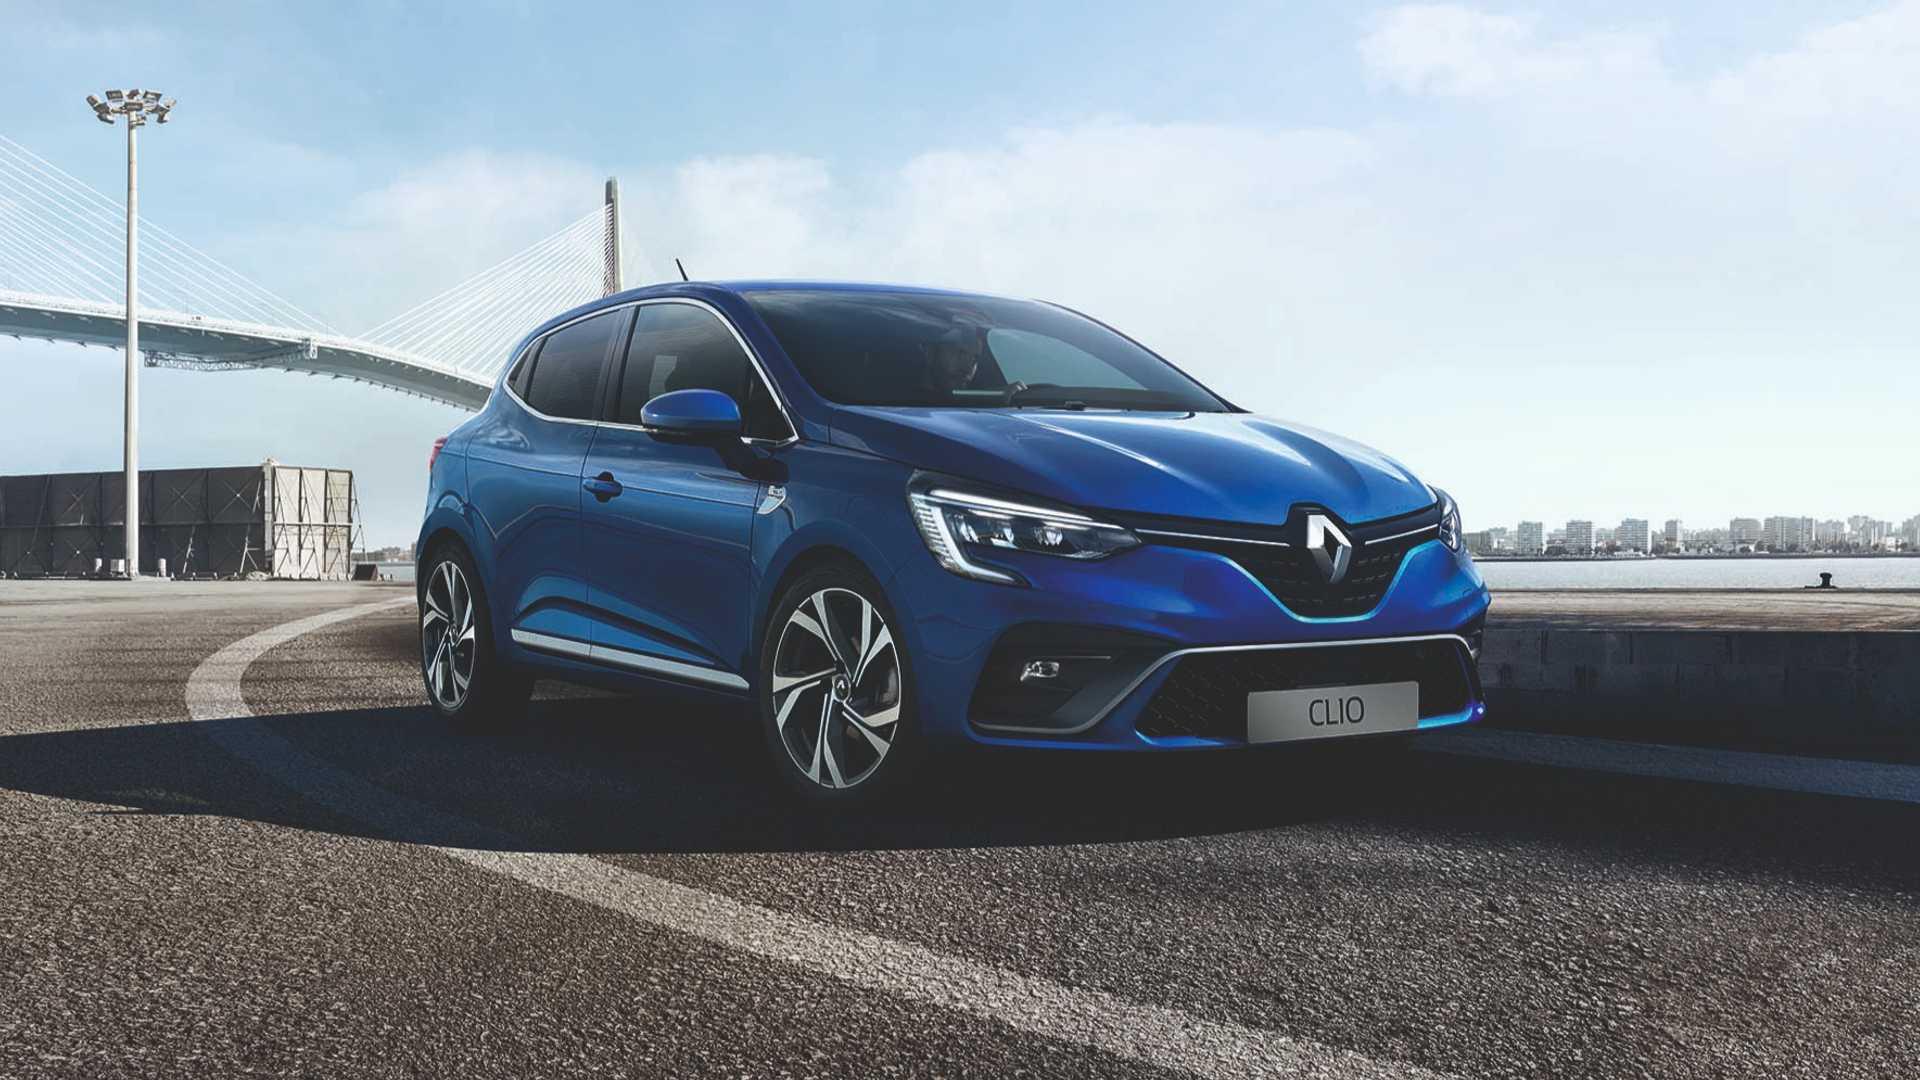 Renault Clio Salone di Ginevra 2019